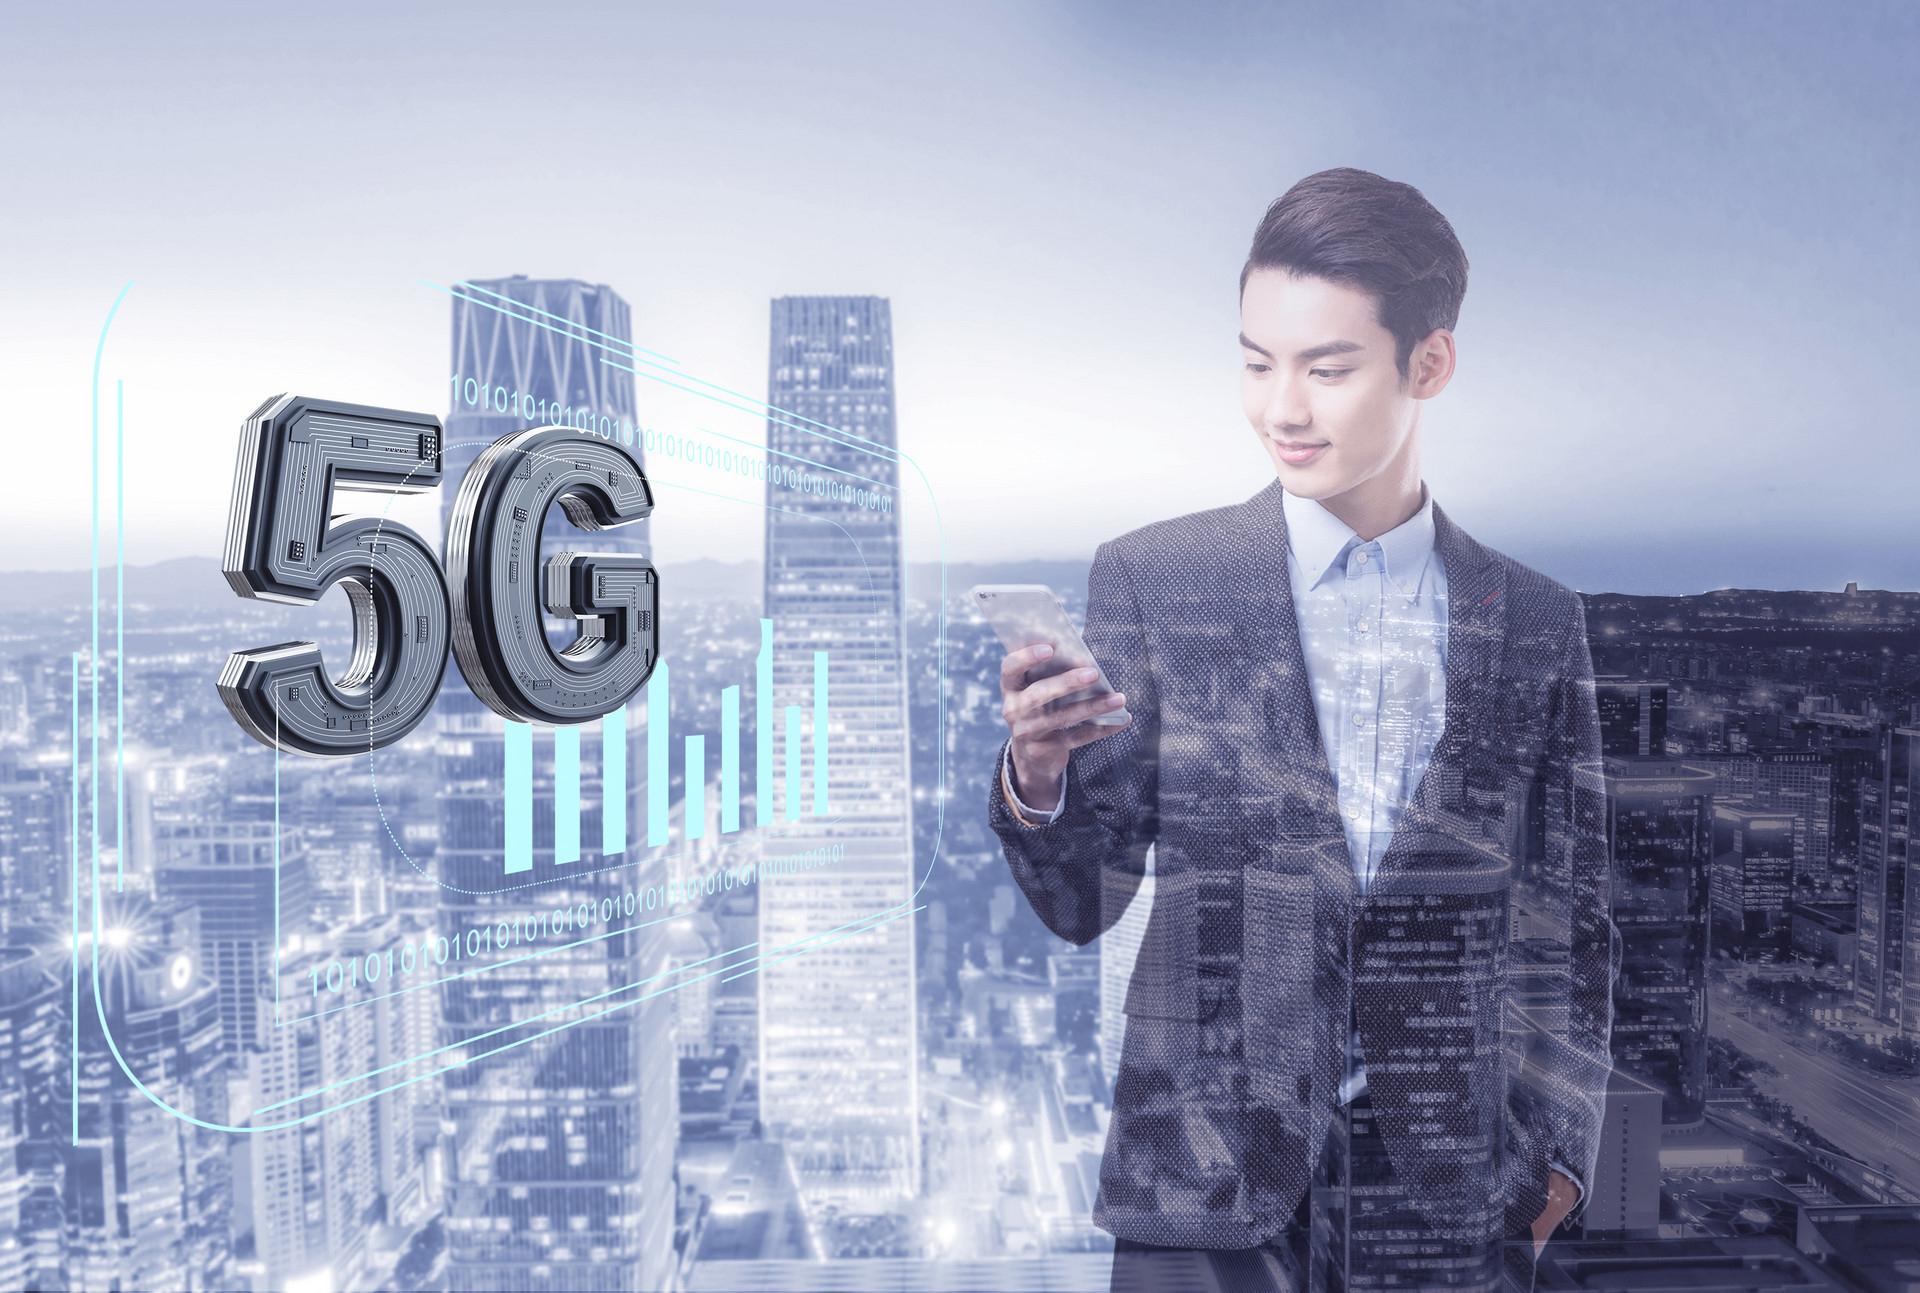 三大运营商前三季度营收下滑,5G正式商用会是转折点吗?